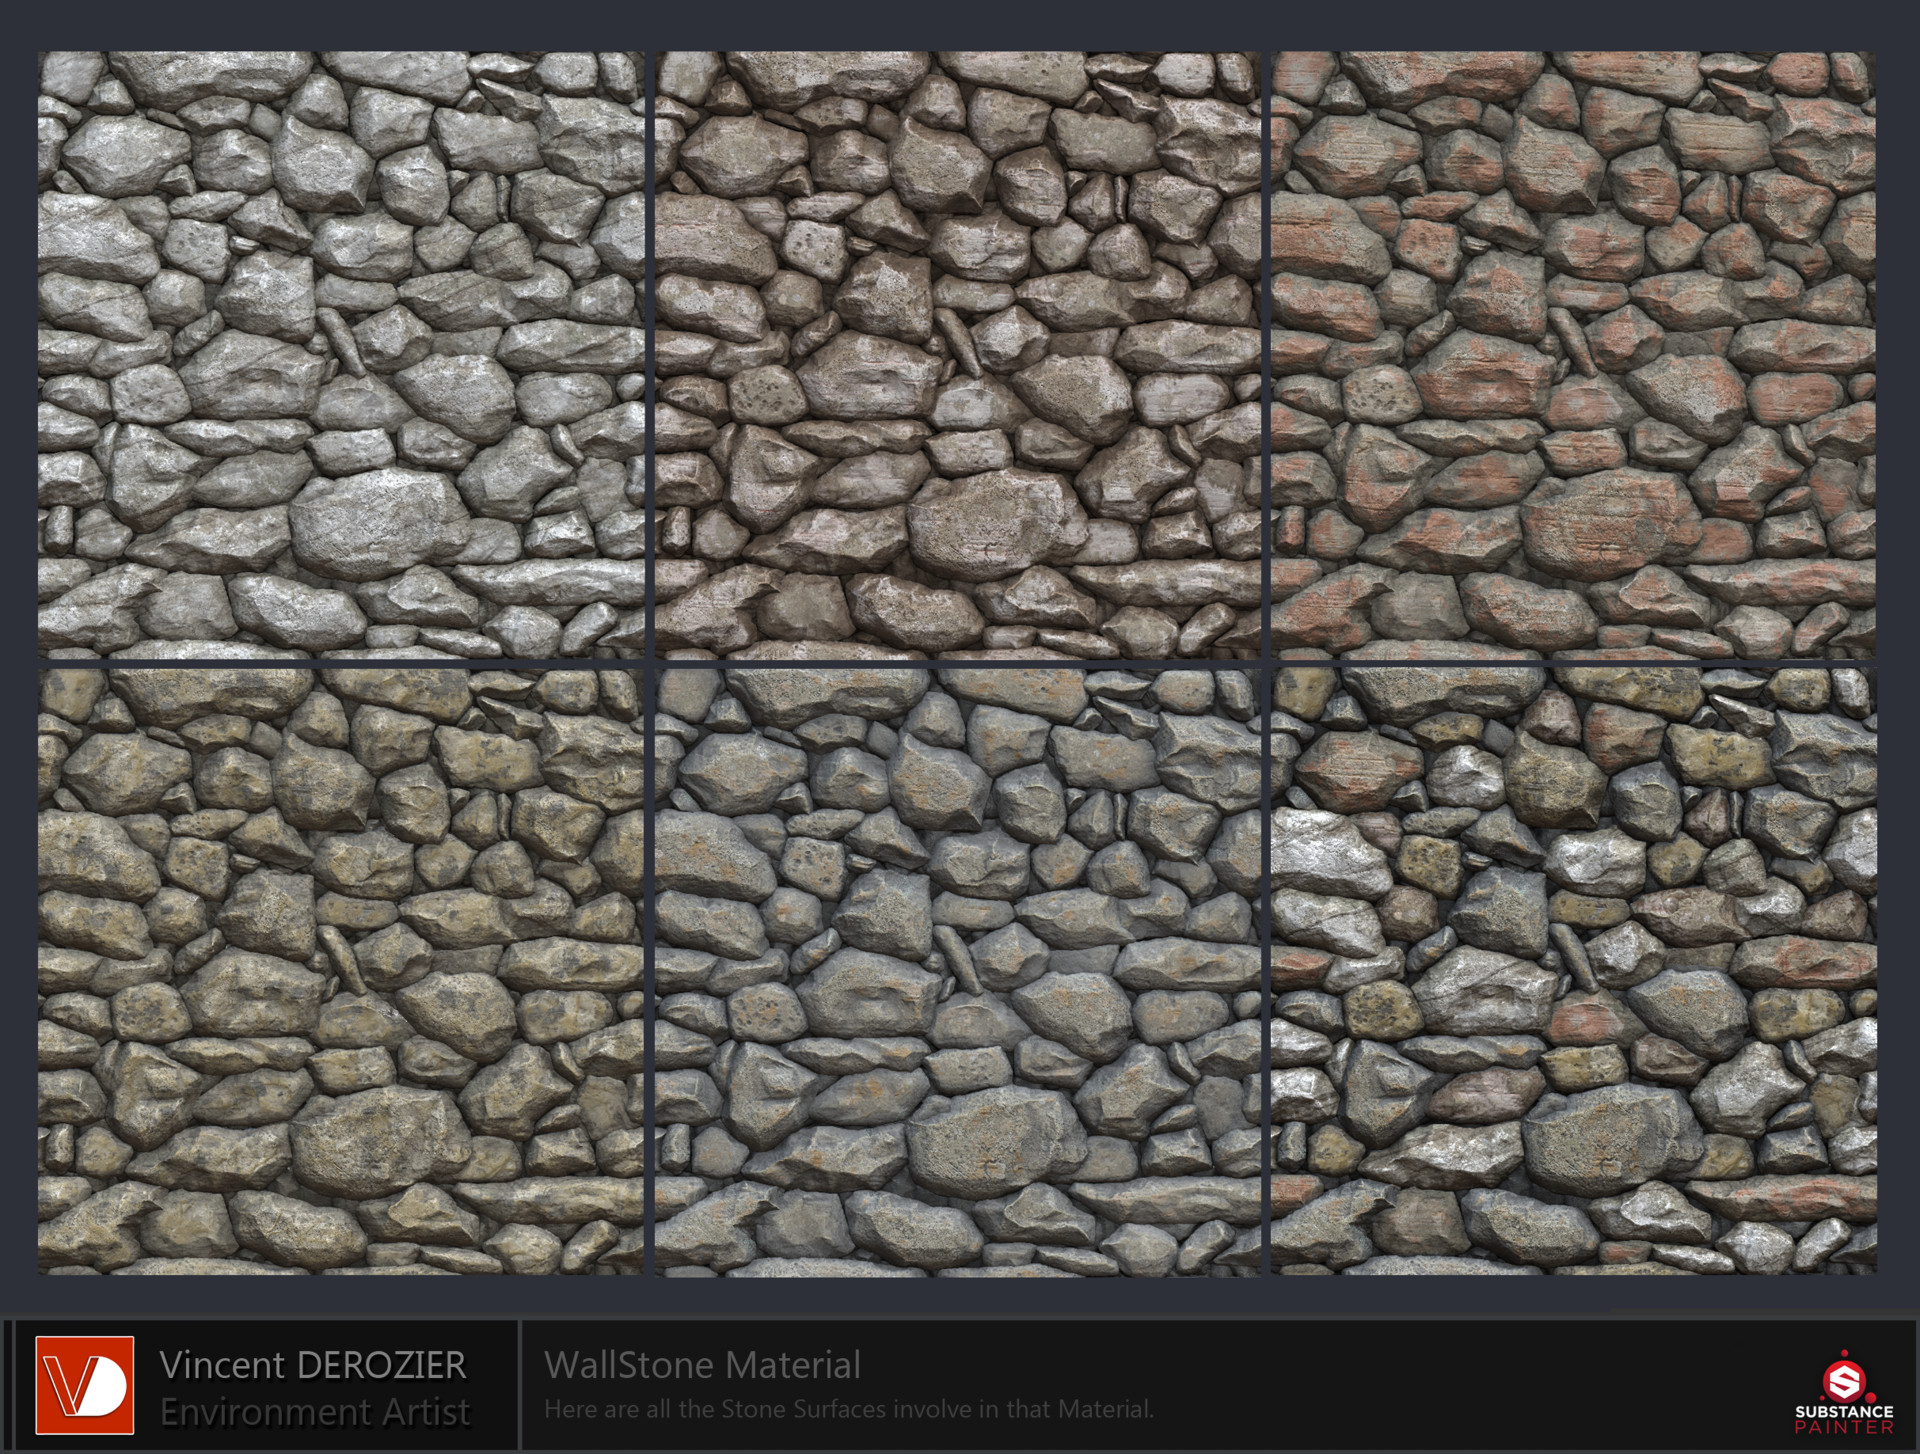 Vincent derozier wallstone 01 e